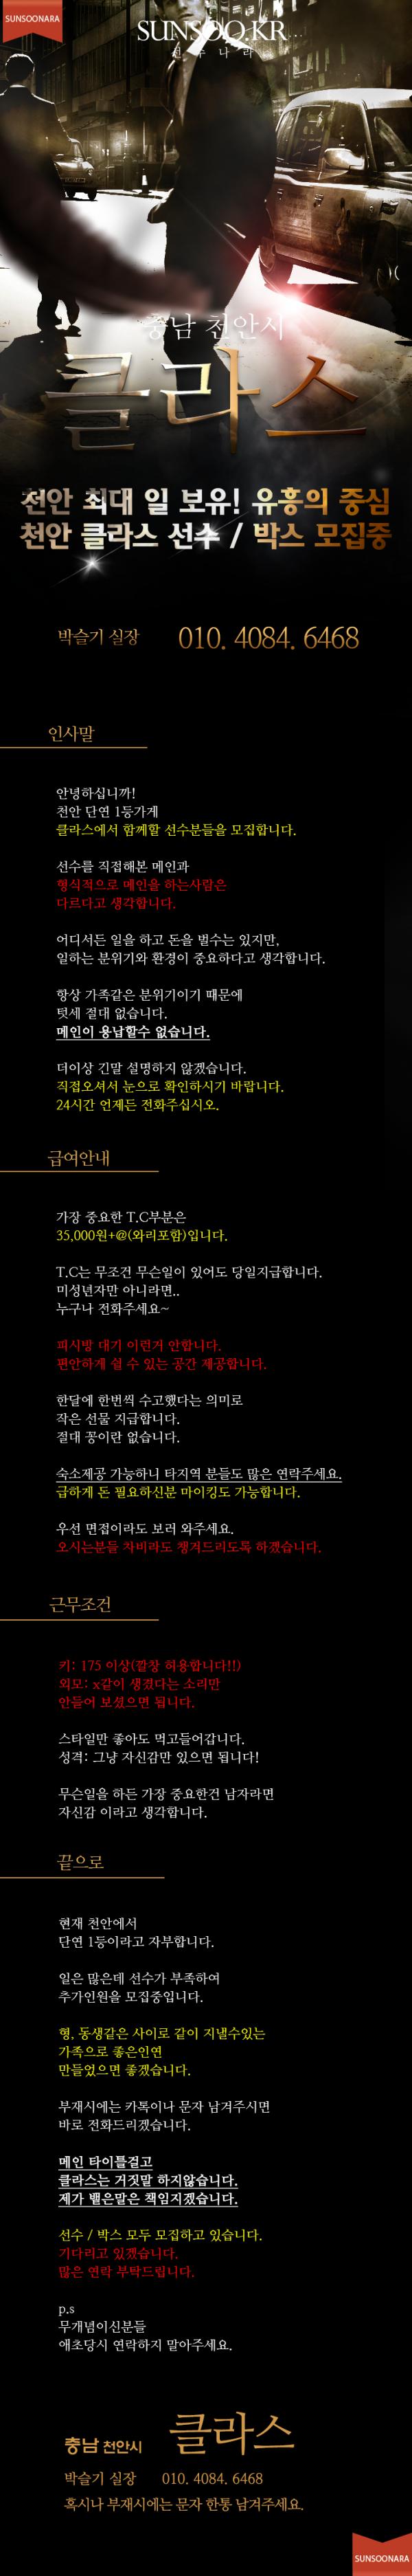 천안 클라스.png